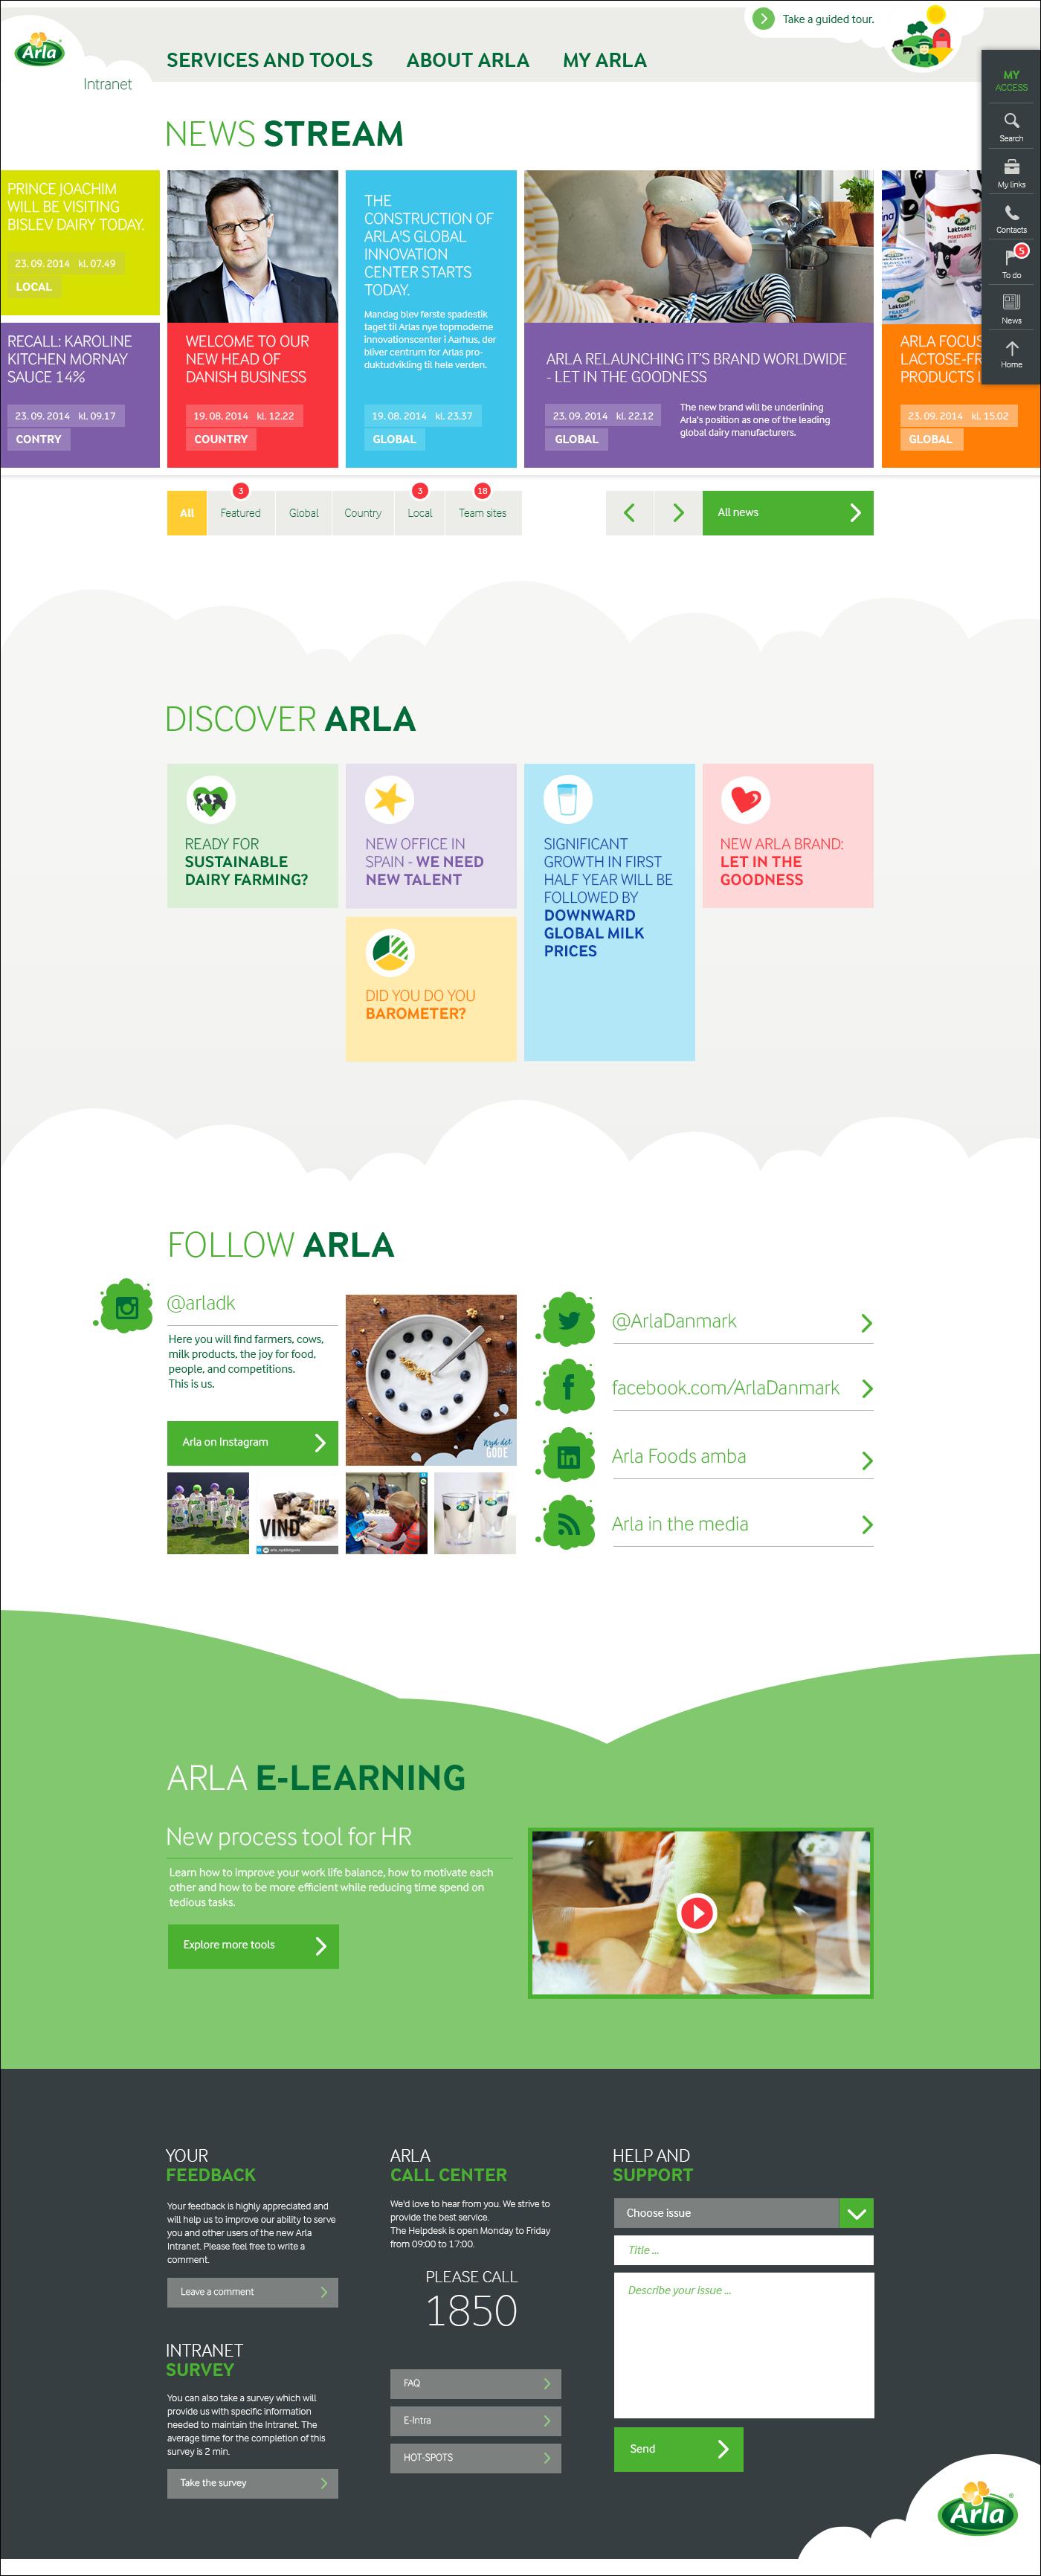 ARLA_intranet_forside_01_outline.png